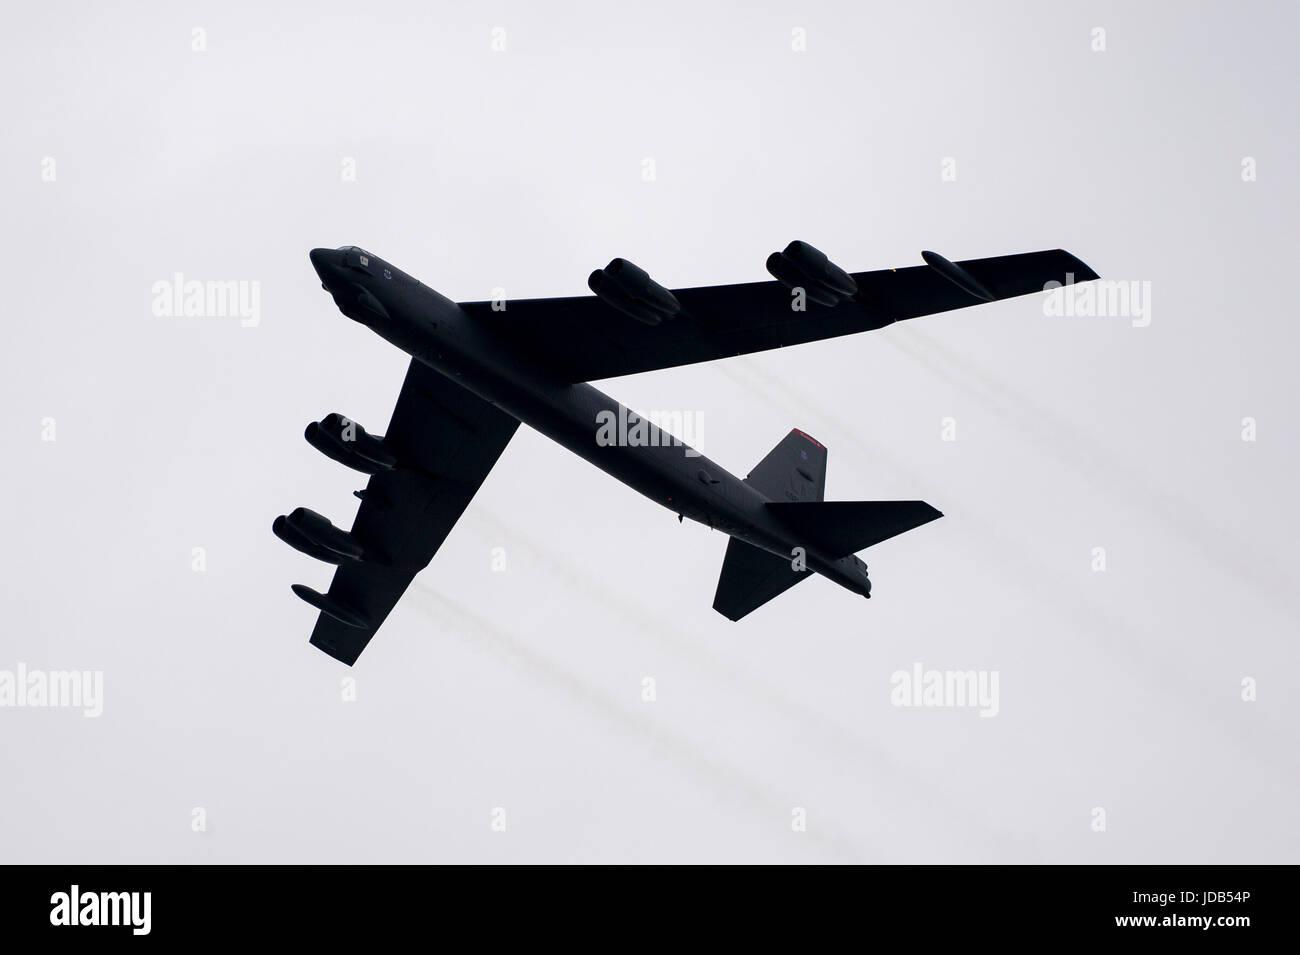 Un bombardier stratégique à long rayon d'Boeing B-52 Stratofortress pendant la 45e édition de l'exercice BALTOPS 2017 Opérations de la Baltique à Ustka, Polan Banque D'Images